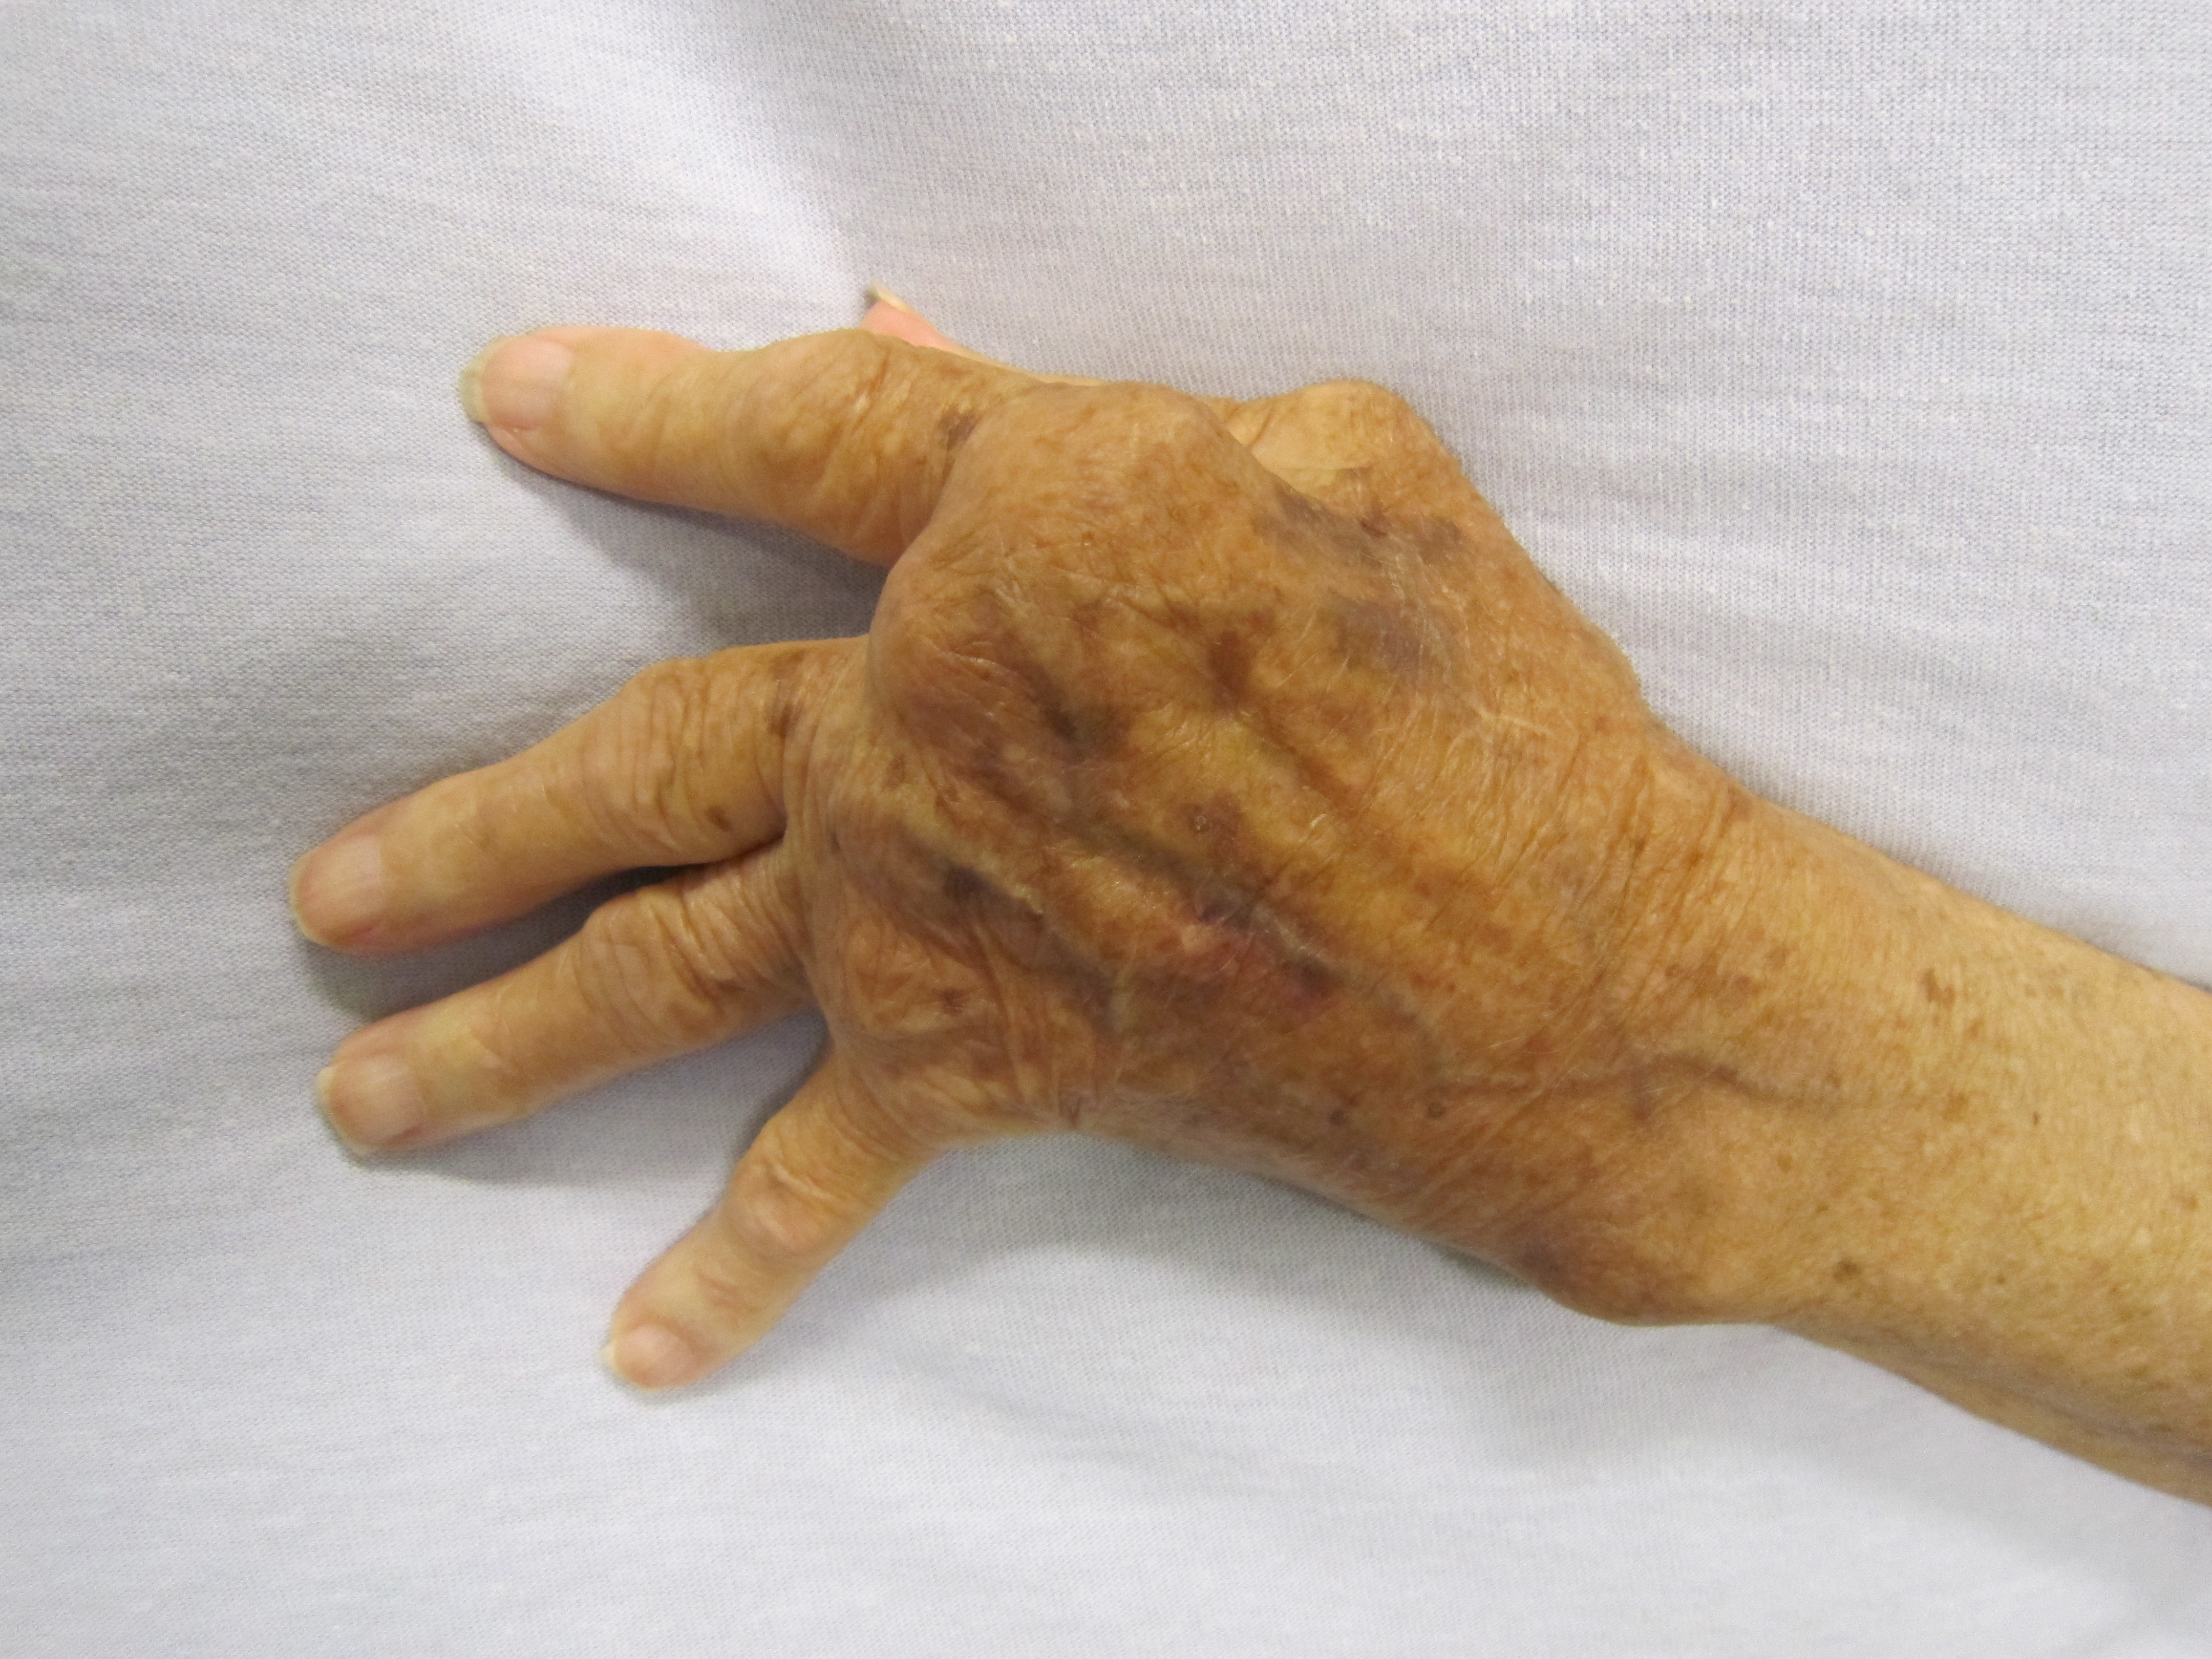 reumás kéz)